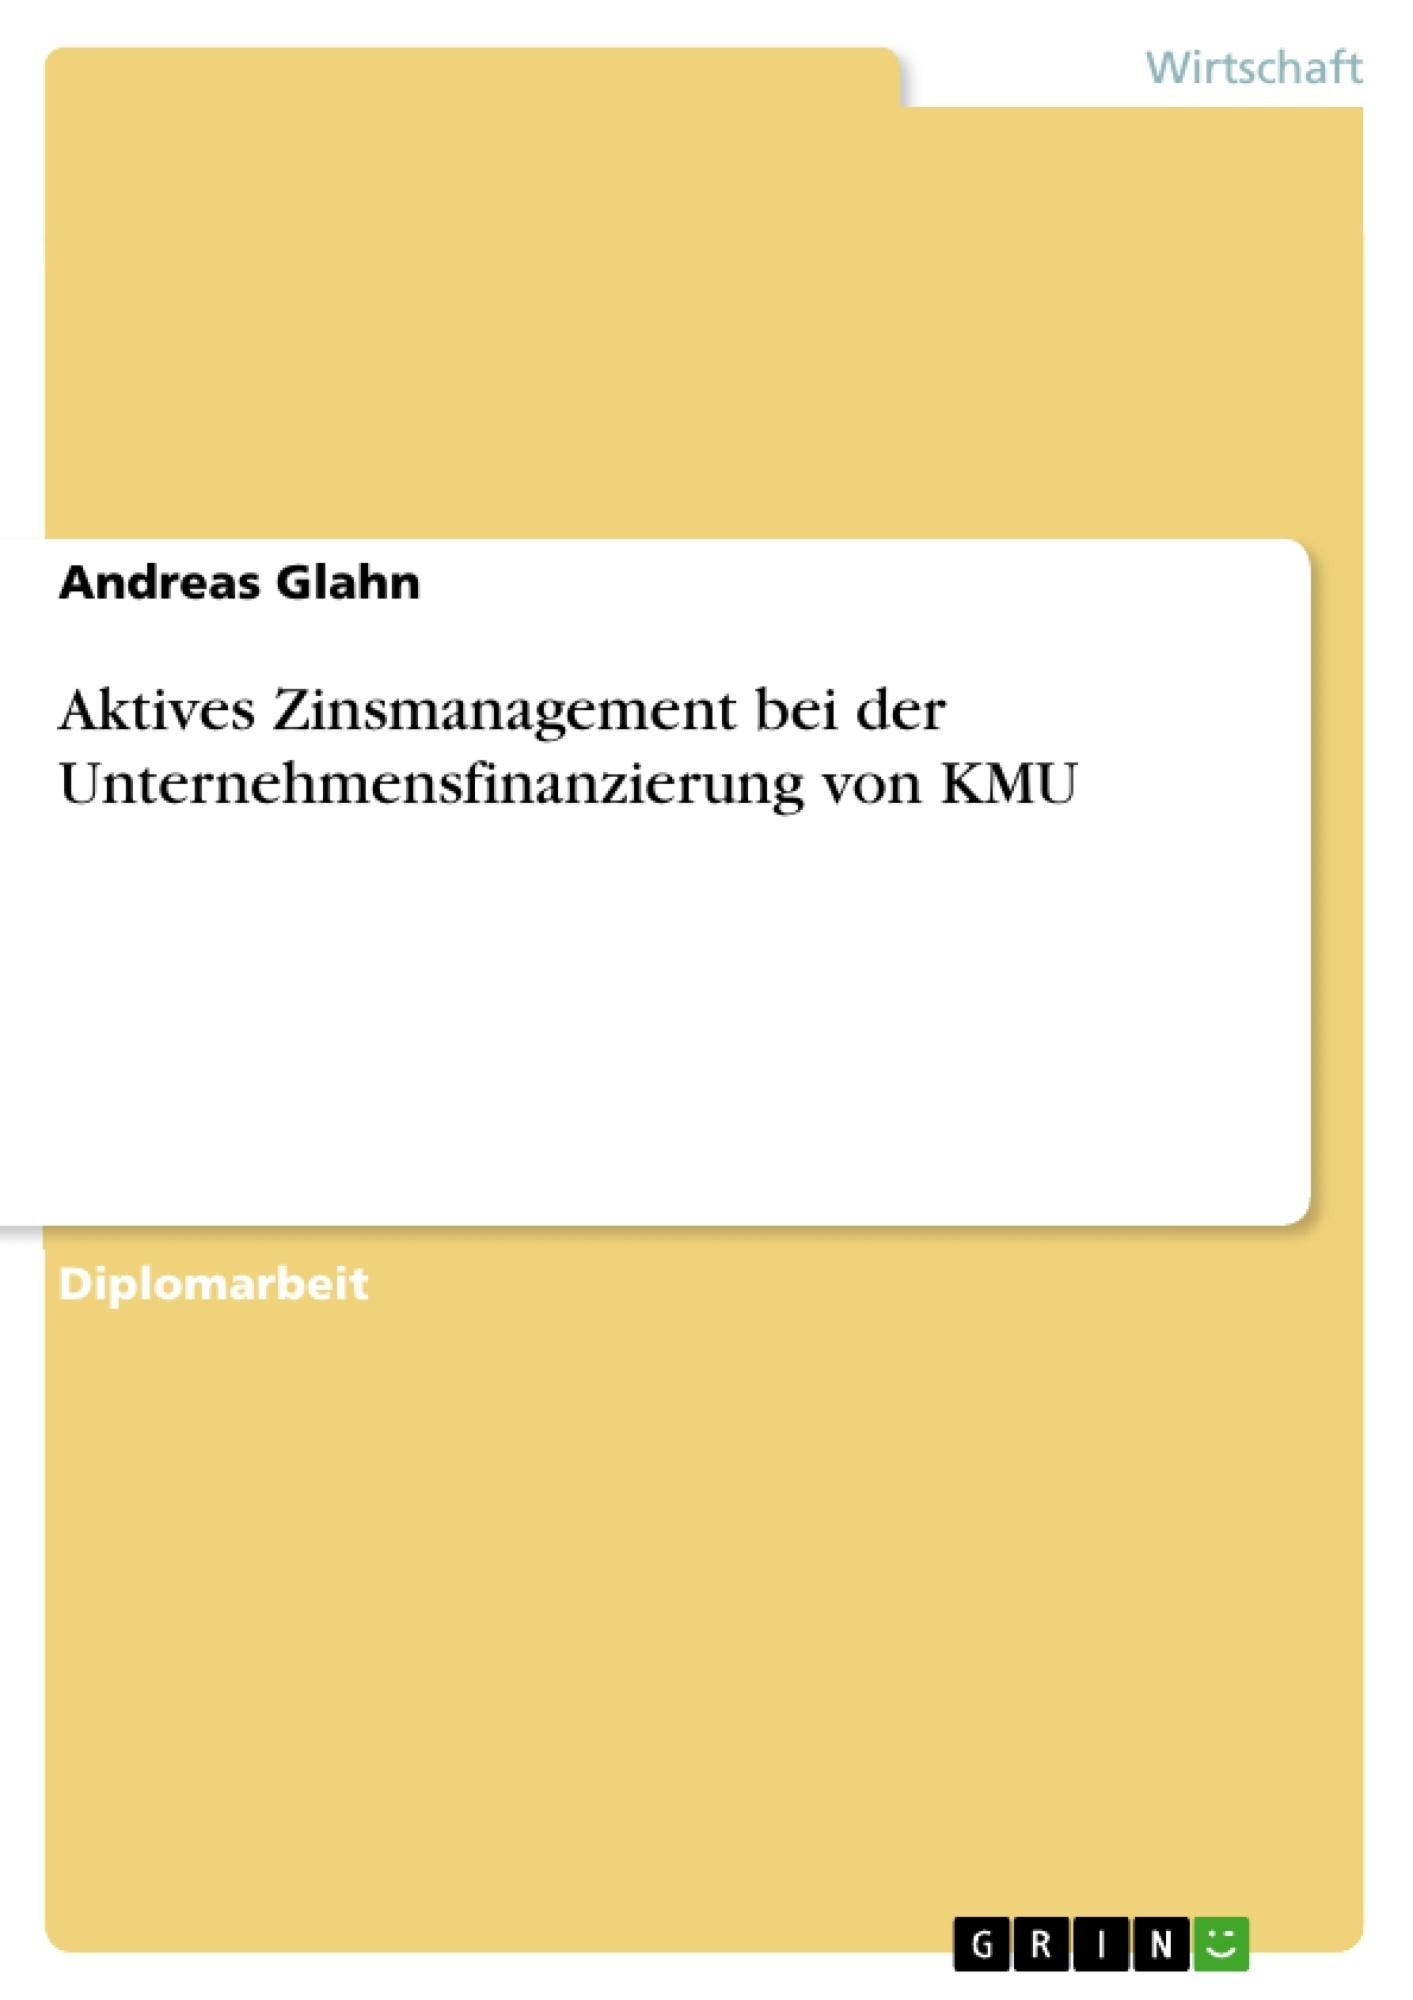 Titel: Aktives Zinsmanagement bei der Unternehmensfinanzierung von KMU